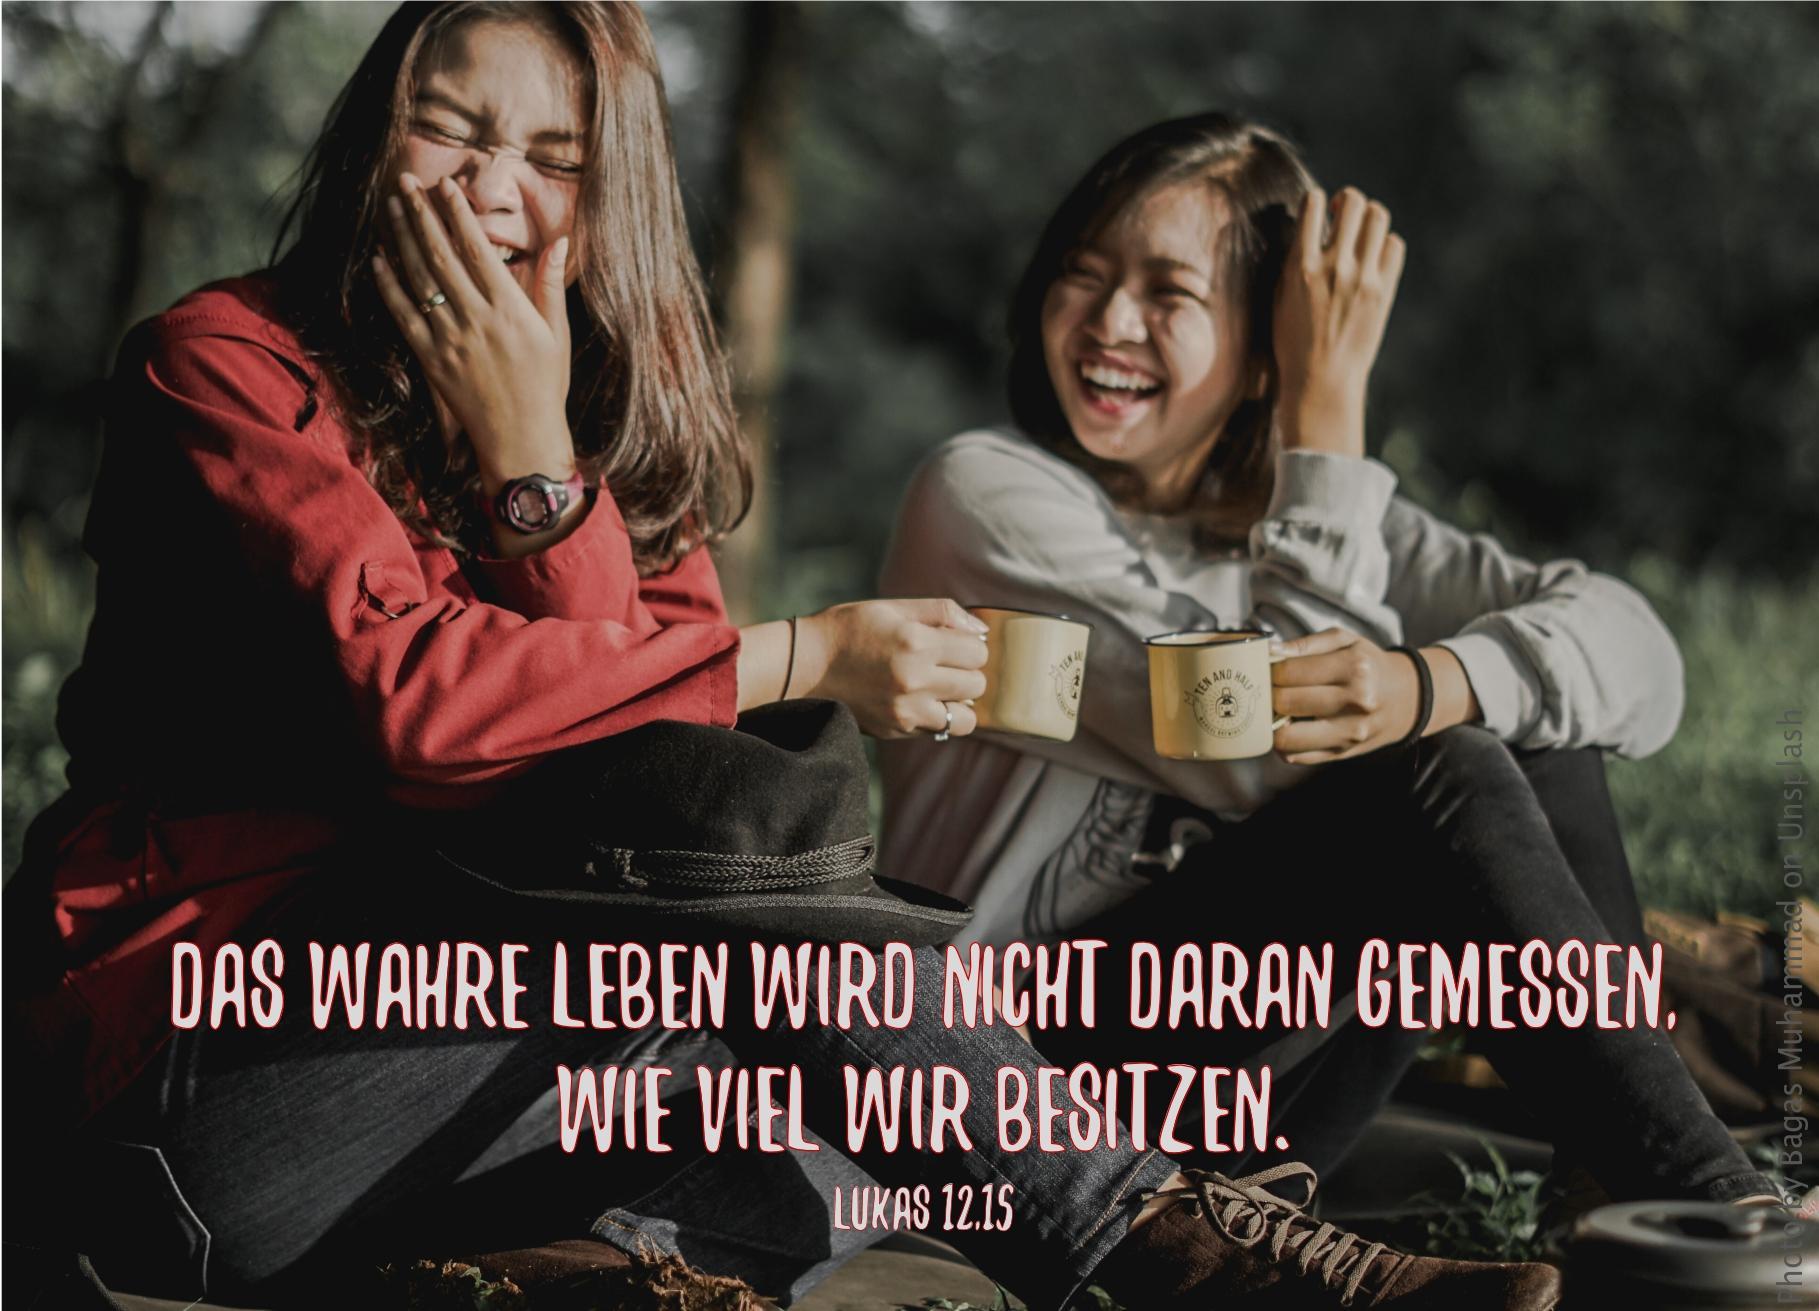 """alt=""""zwei_lachende_junge_frauen_im_wald_erwartet_bibelhoerbuch_ueber_geld_und_besitz"""""""